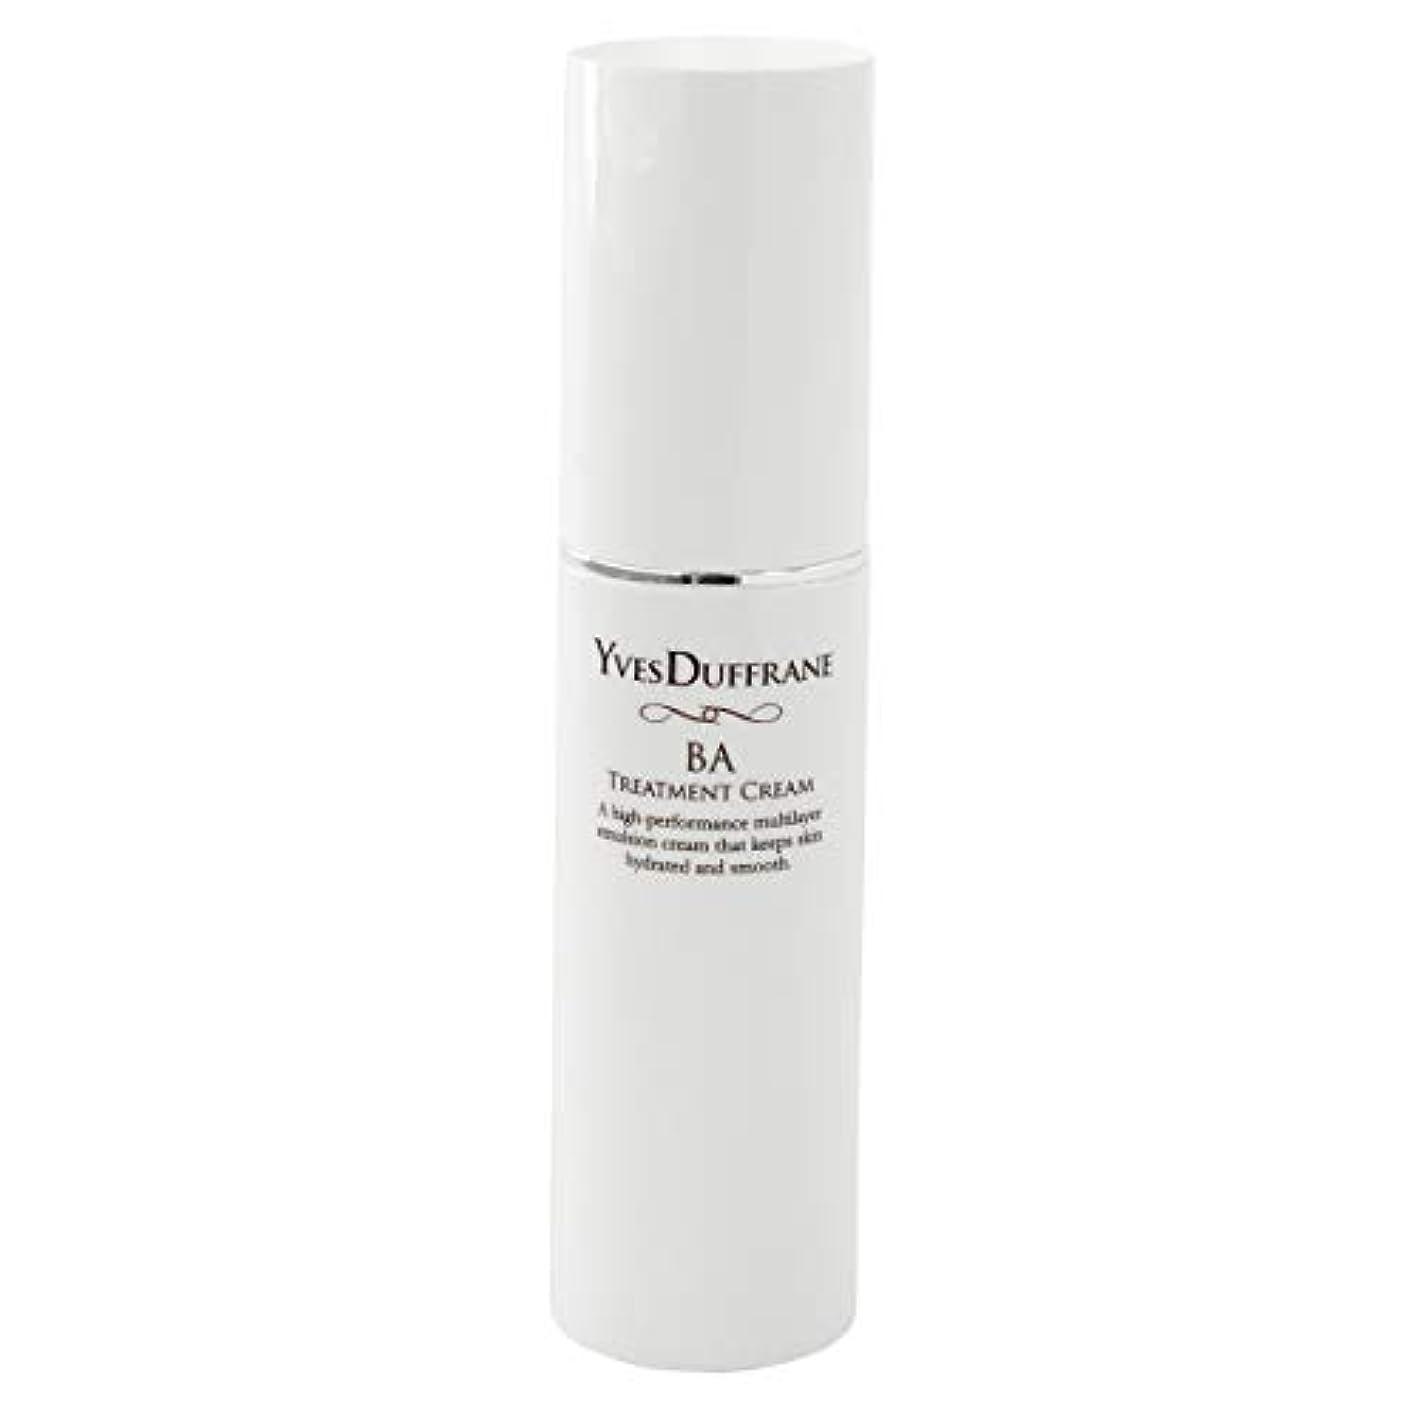 自明効率的に矛盾するセラミド 美容クリーム [BAトリートメント クリーム ] 顔 目元 敏感肌 保湿 セラミド ビタミンC誘導体 バイオアンテージ配合